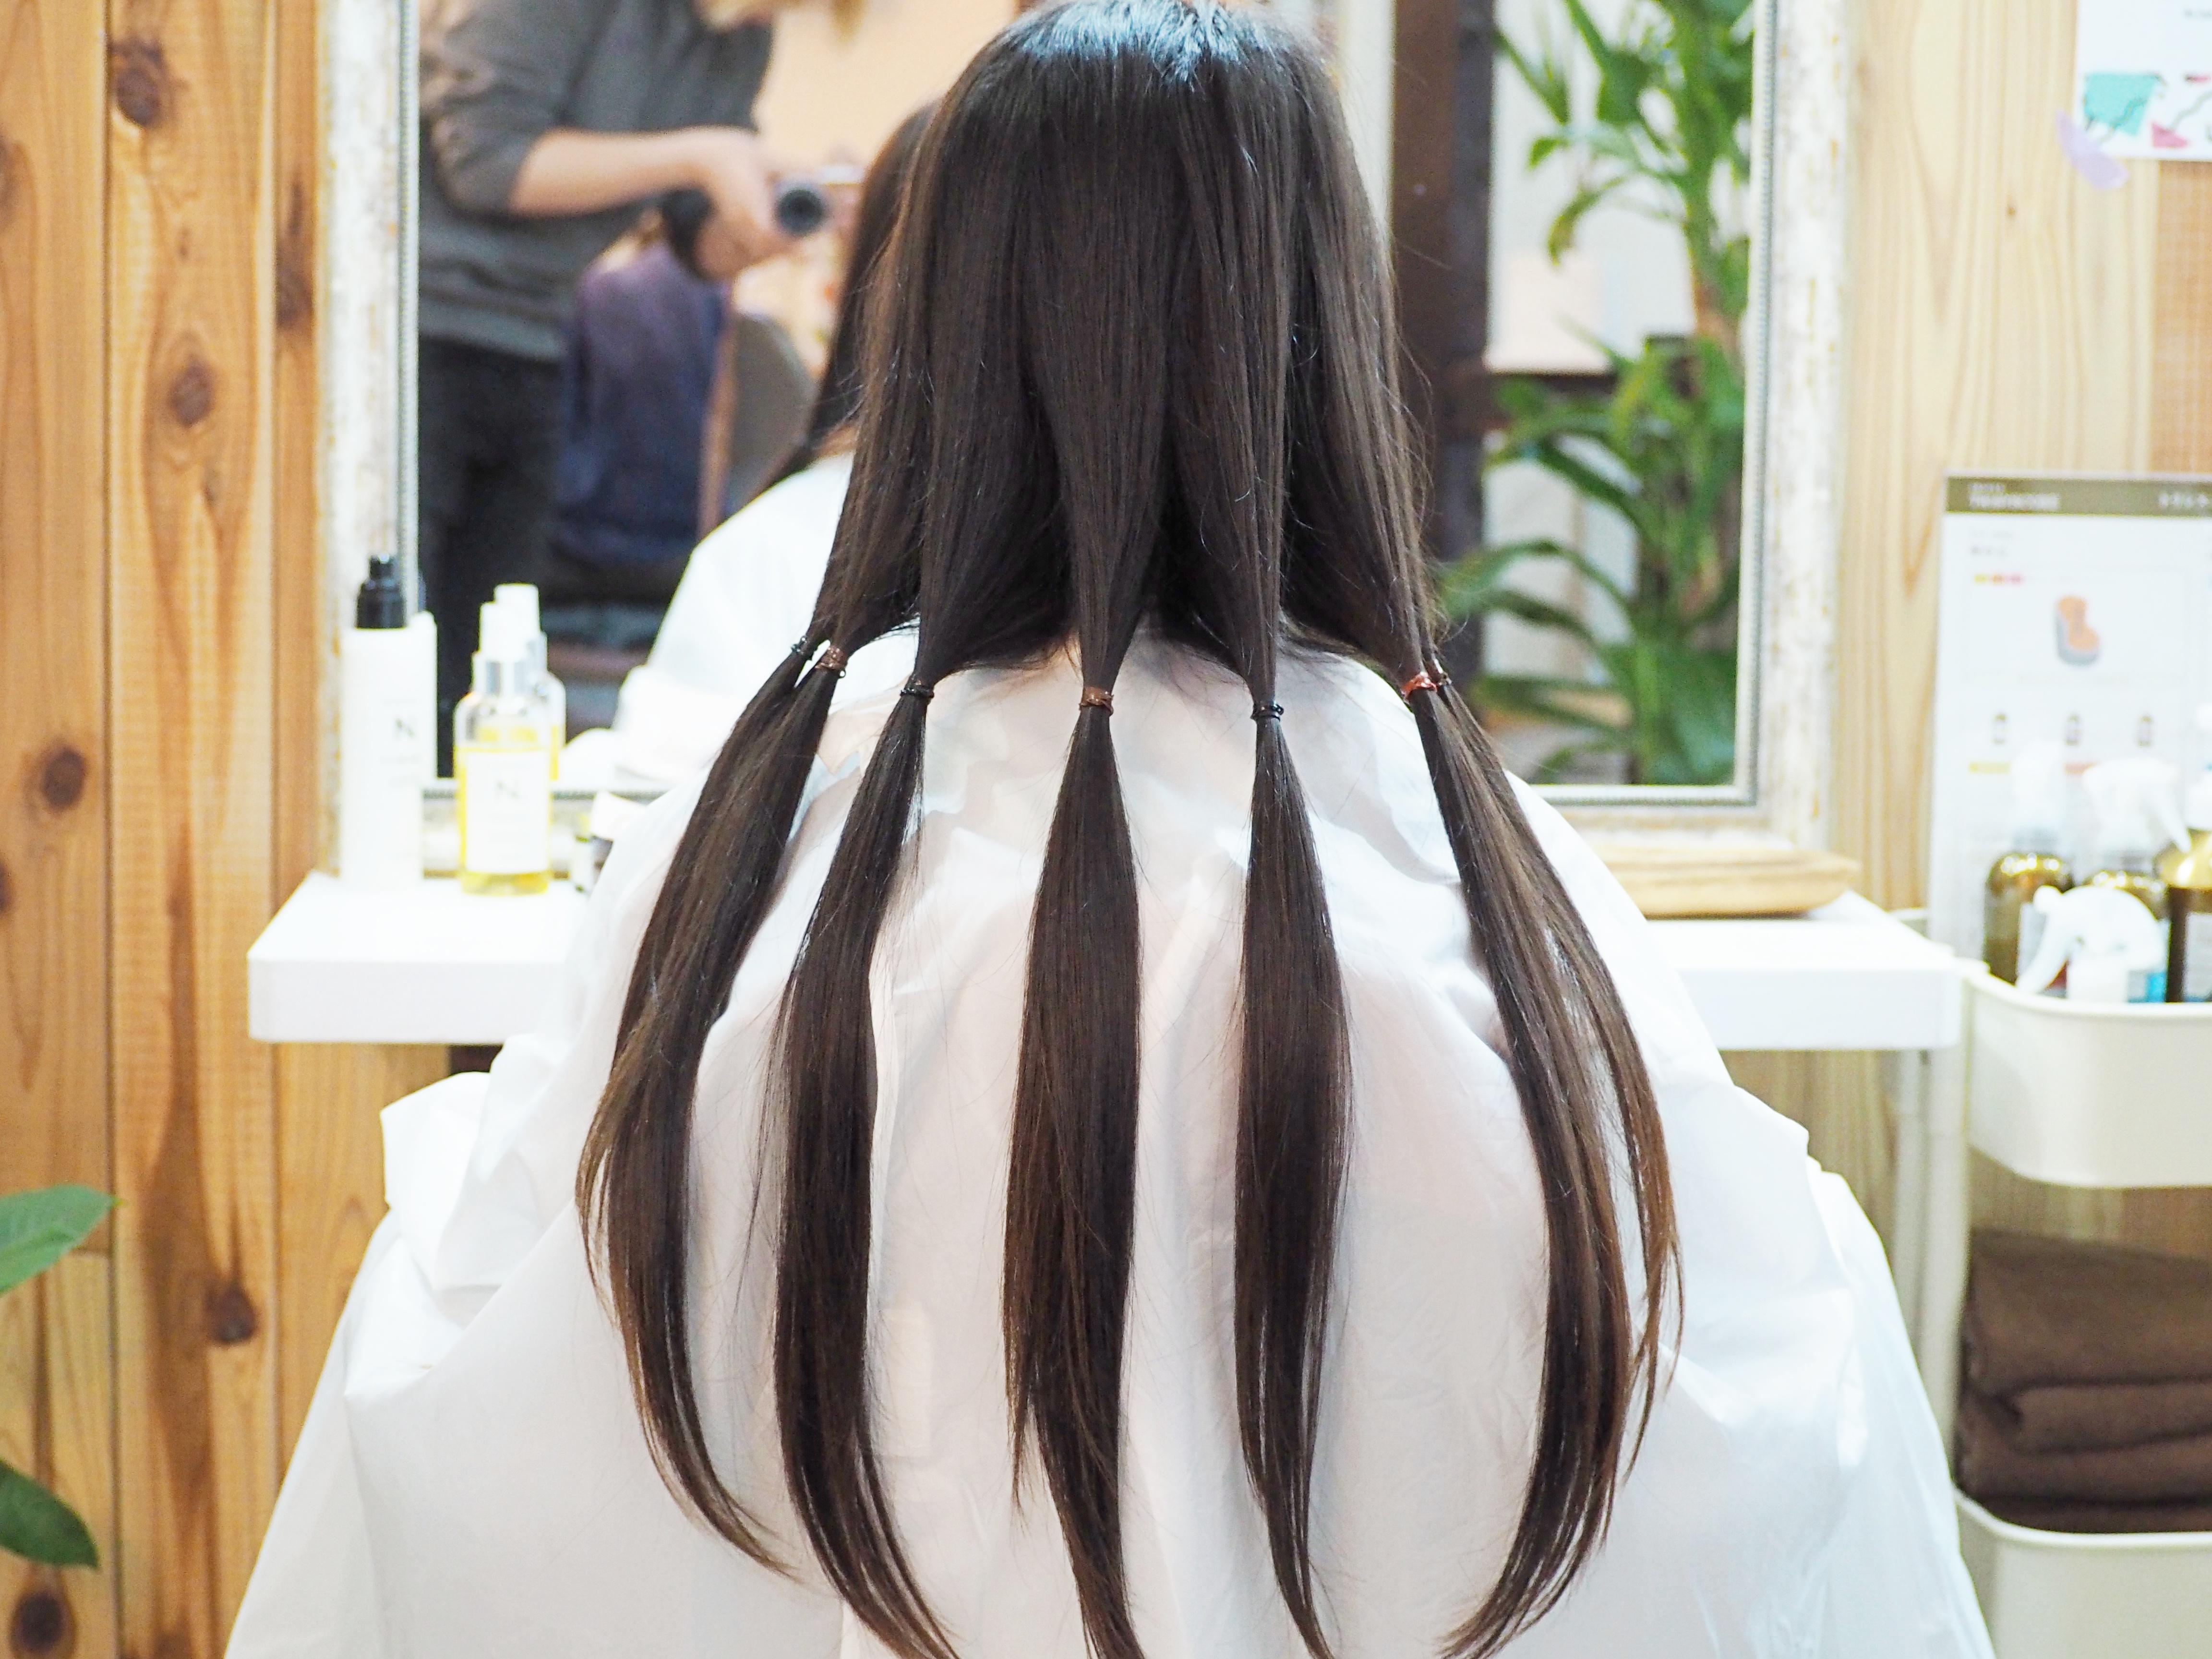 ヘアドネーション! と、髪型の変化に気付くかどうか…について